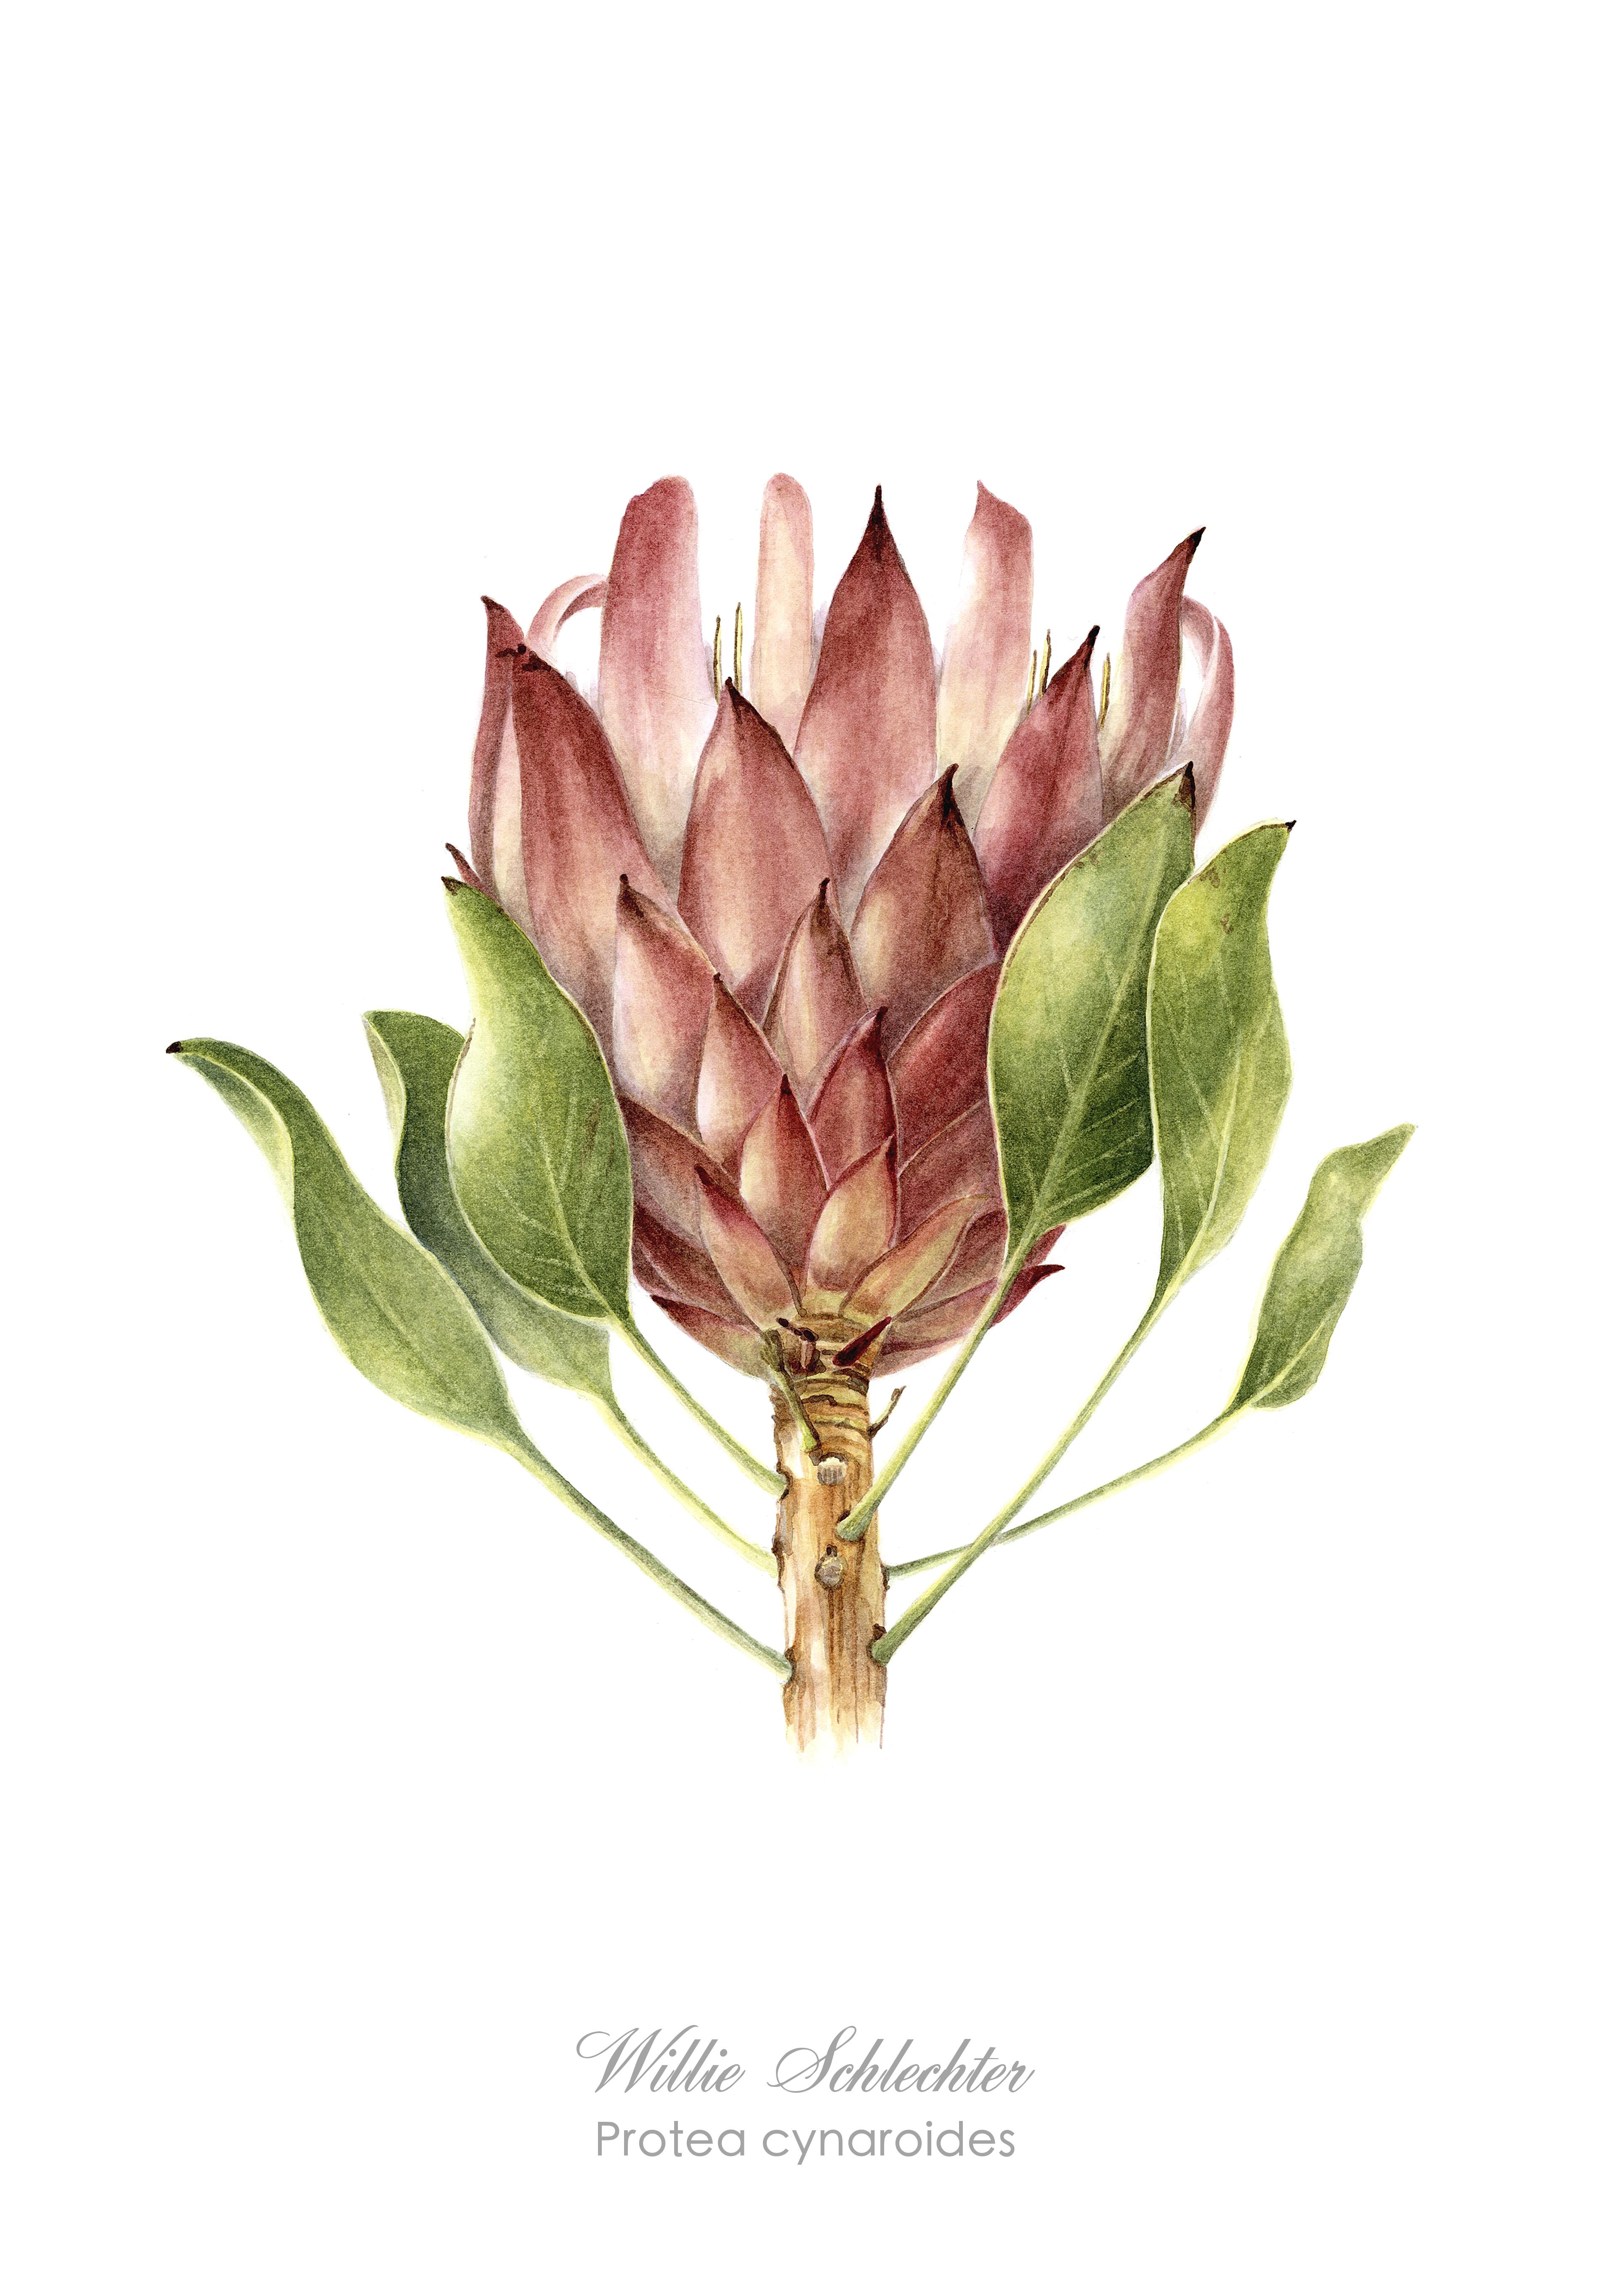 Protea cynaroides#1